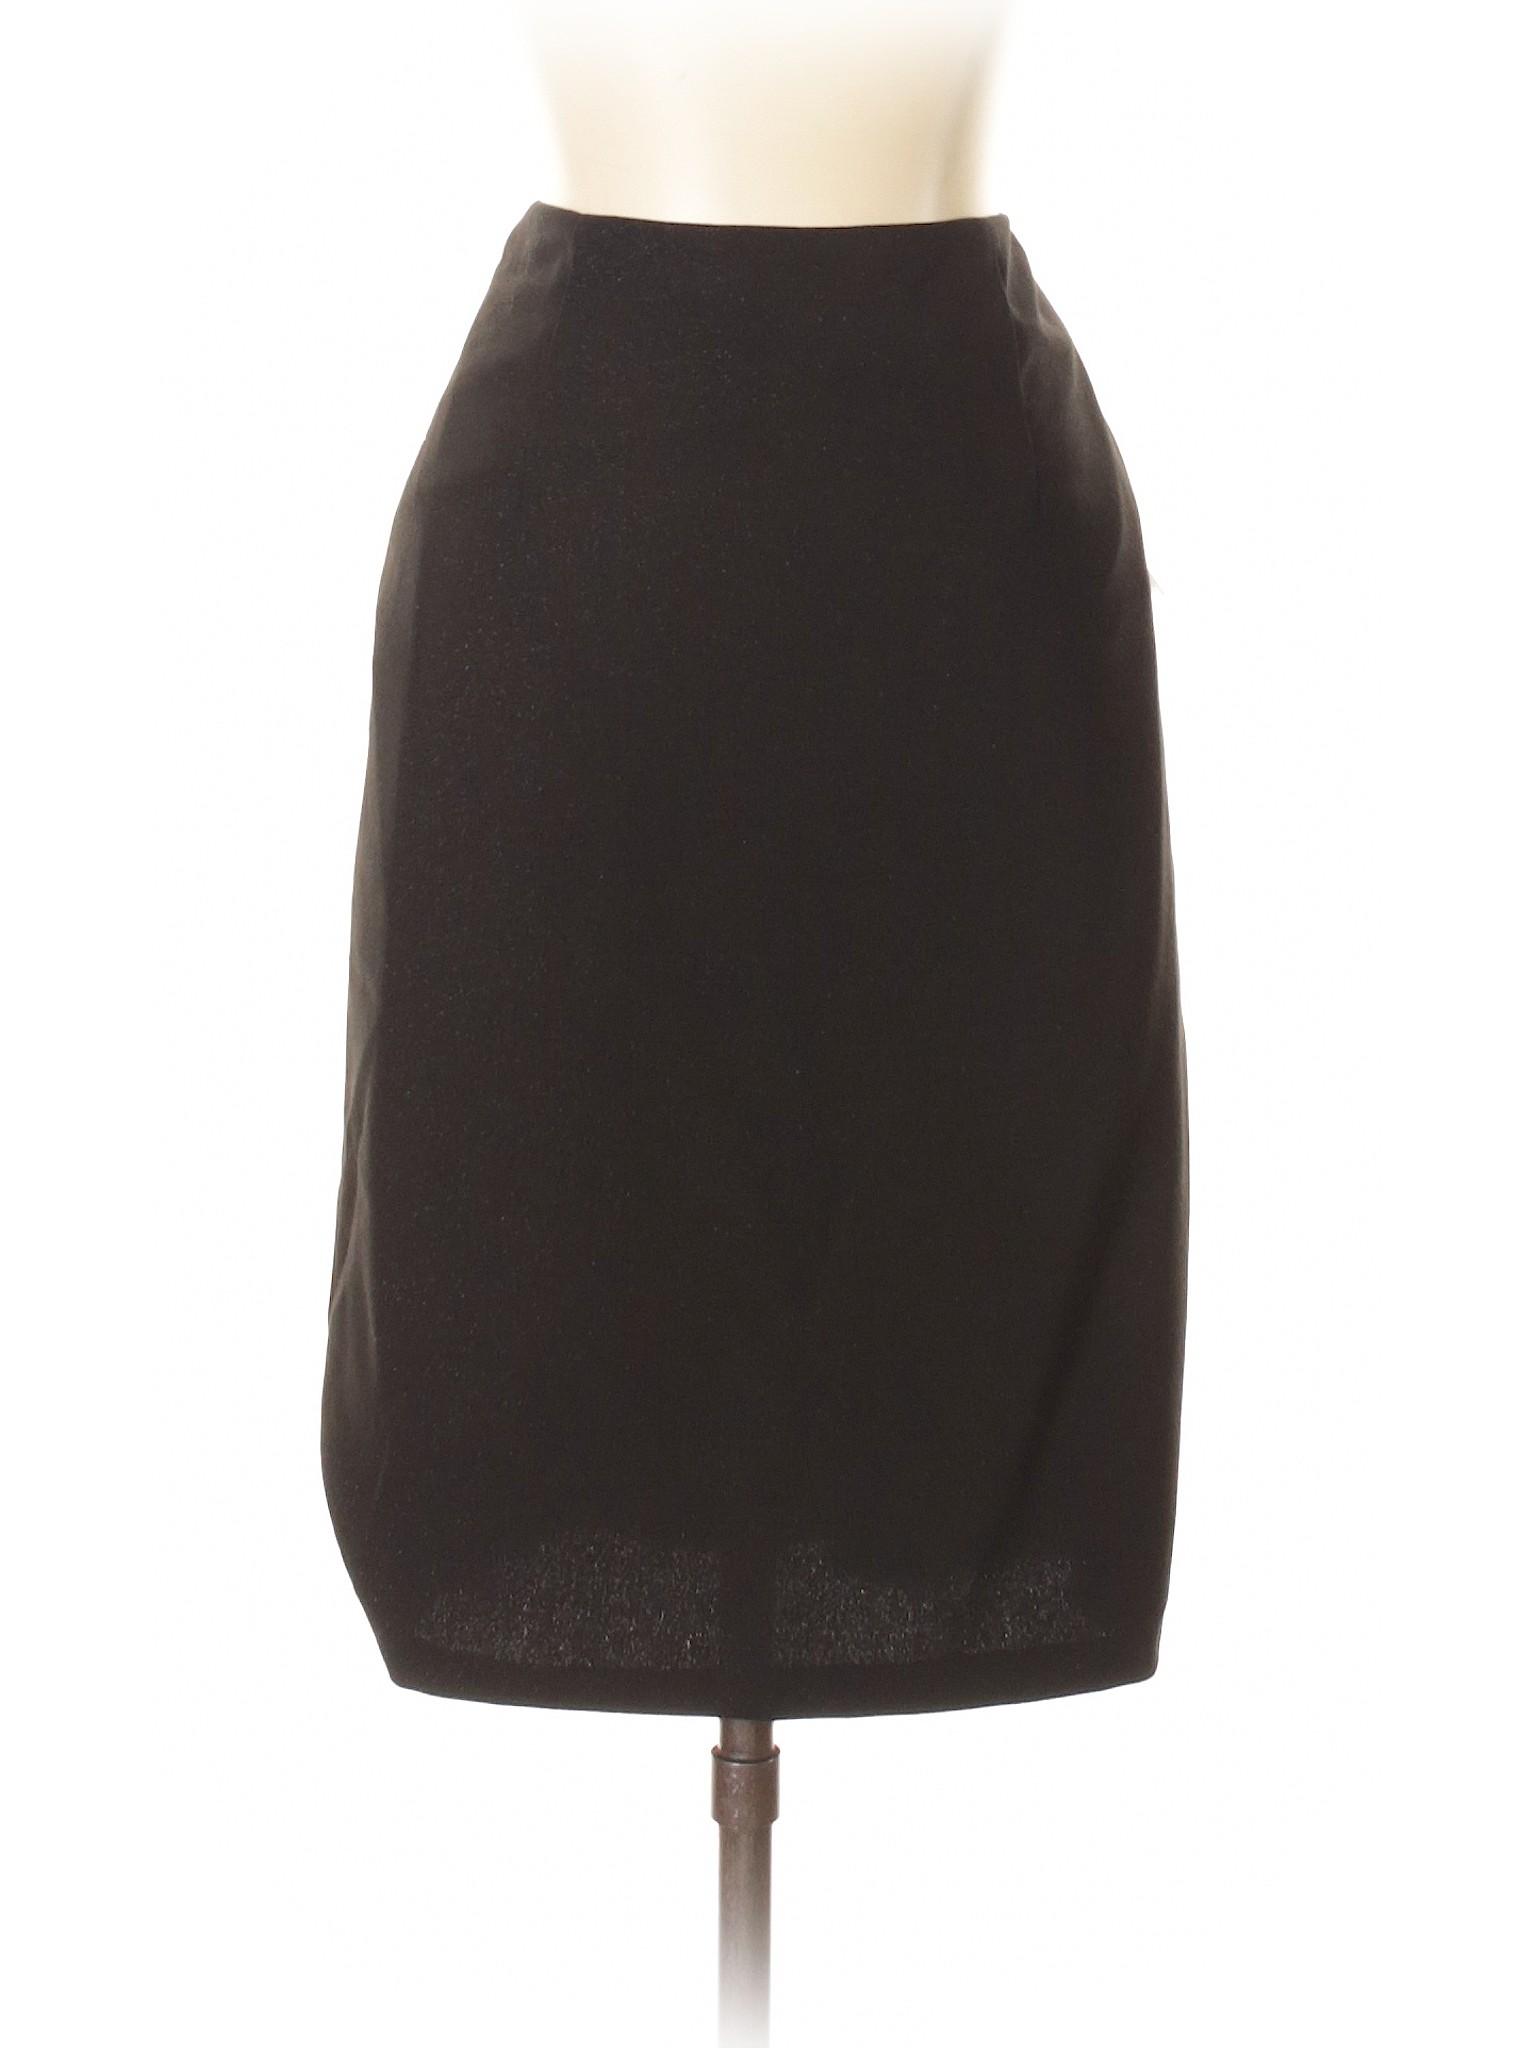 Skirt Boutique Boutique Skirt Boutique Casual Boutique Casual Skirt Boutique Casual Skirt Casual Oa6wzx